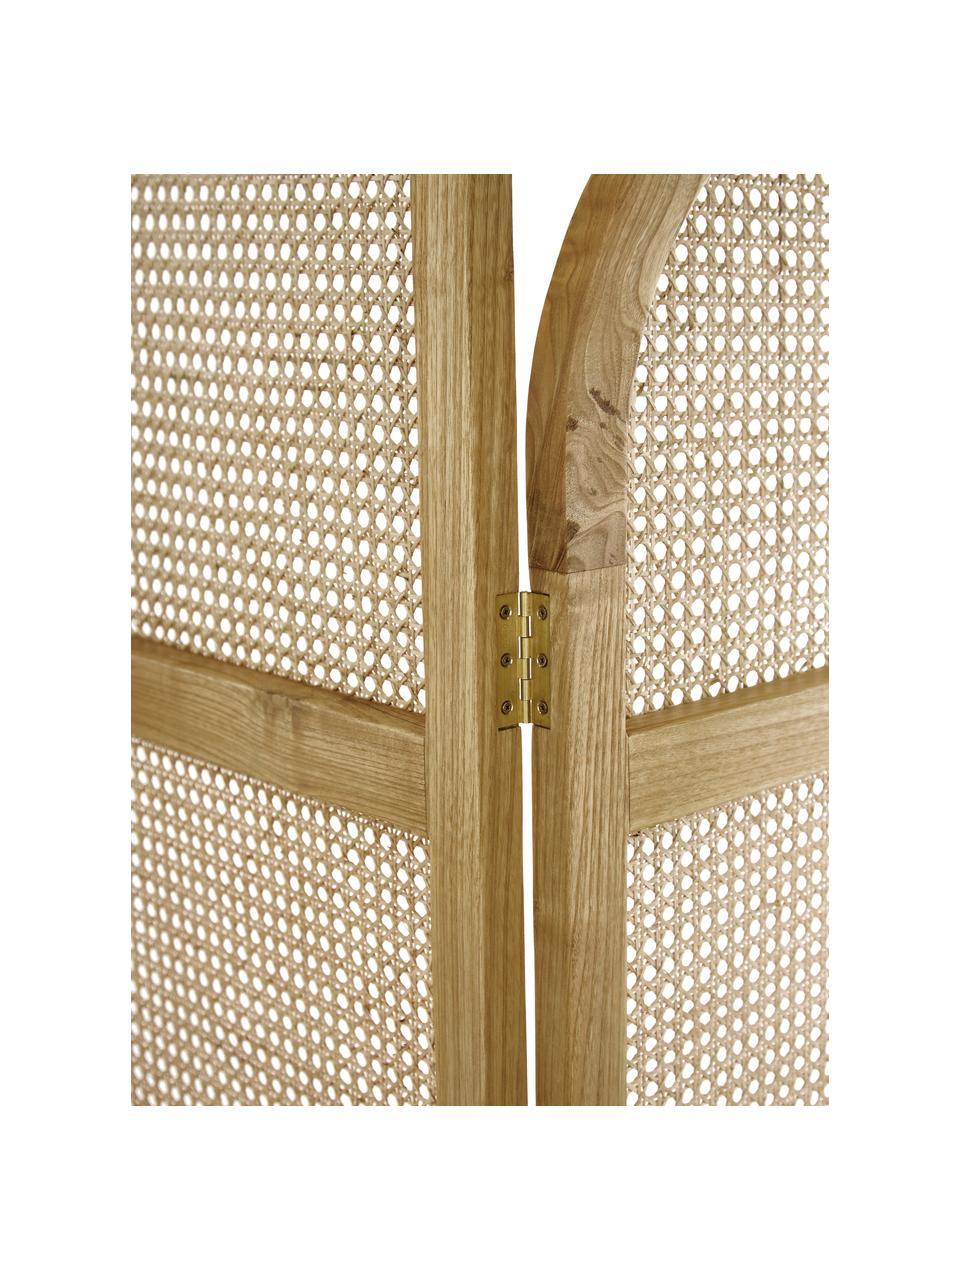 Paravent Webbing mit Wiener Geflecht, Rahmen: Sungkai Holz, Wiener Geflecht: Zuckerrohr, Sungkai Holz, 150 x 180 cm